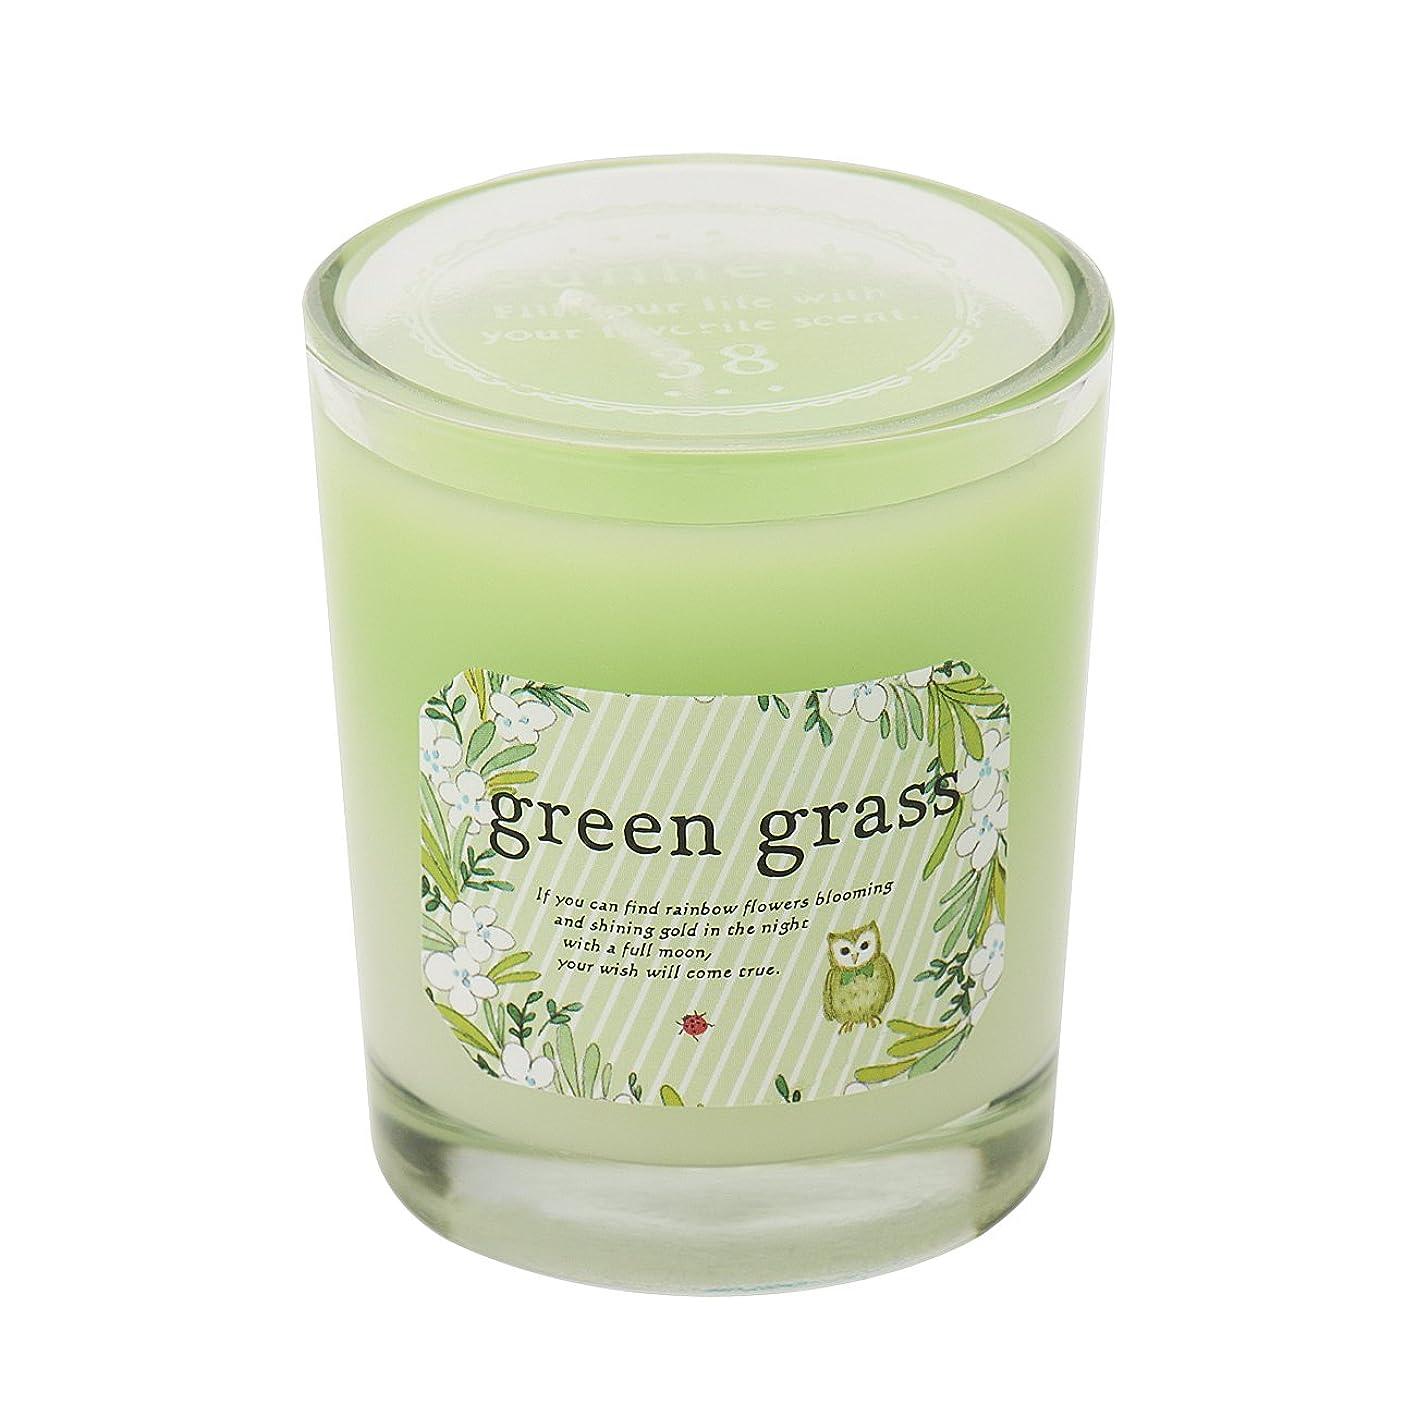 支援するいちゃつく正午サンハーブ グラスキャンドル グリーングラス 35g(グラデーションろうそく 燃焼時間約10時間 爽やかでちょっと大人の香り)